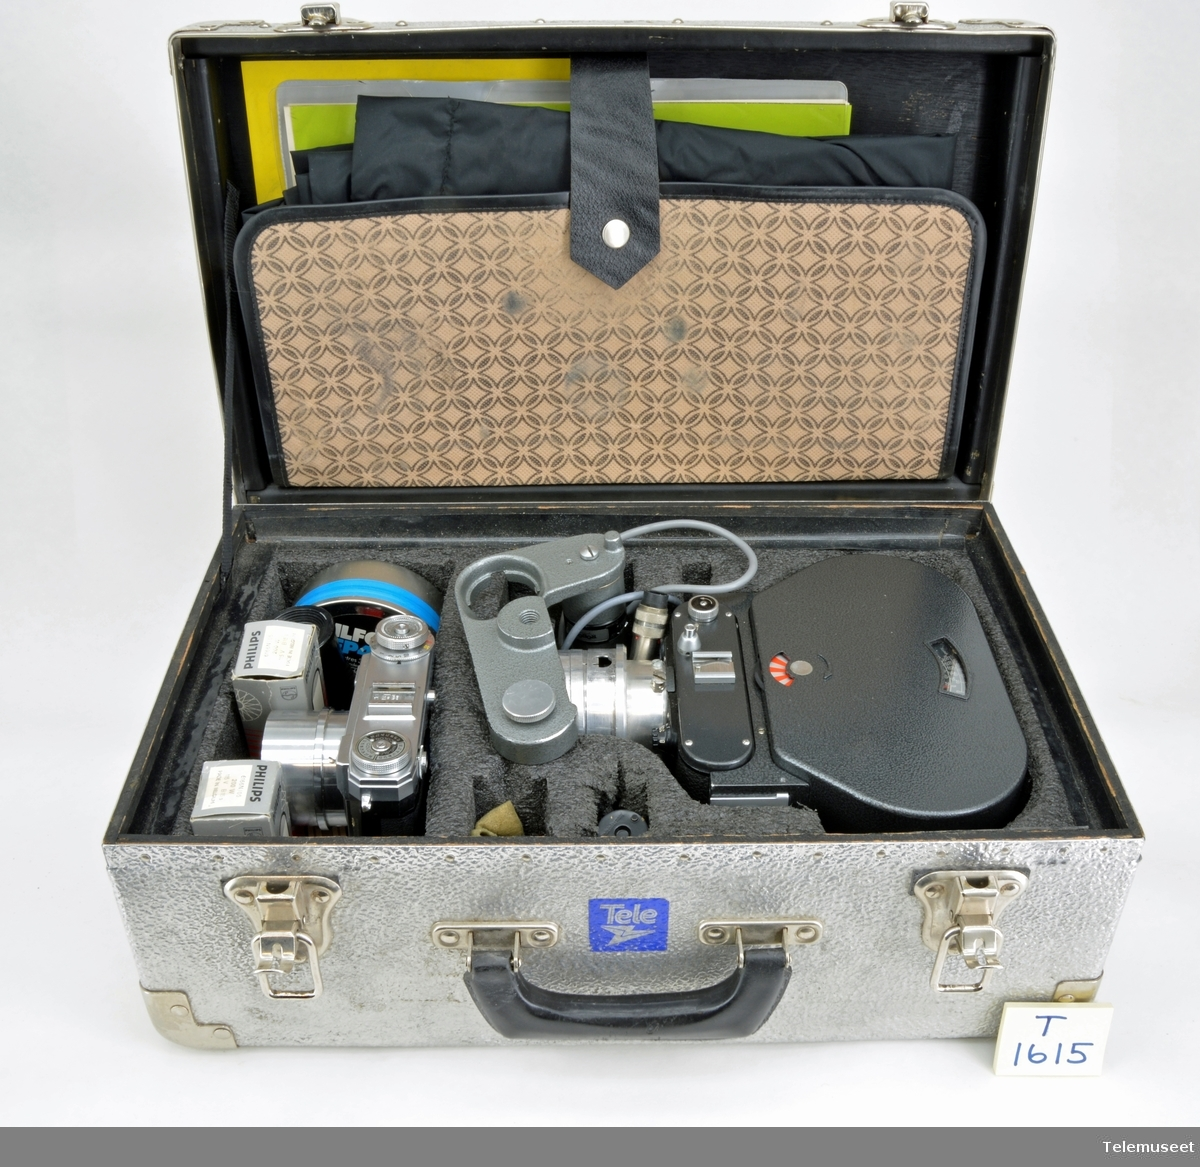 Fotograferingsutstyr for samtaletellere. Komplett i koffert - Fotoapparat med ekstra stor film magasin,   Type: ROBOT -Fotoapparat Type: Contax - Diverse utstyr pluss div lamper - Sort hette for bruk til fotografering/lading av   apparat